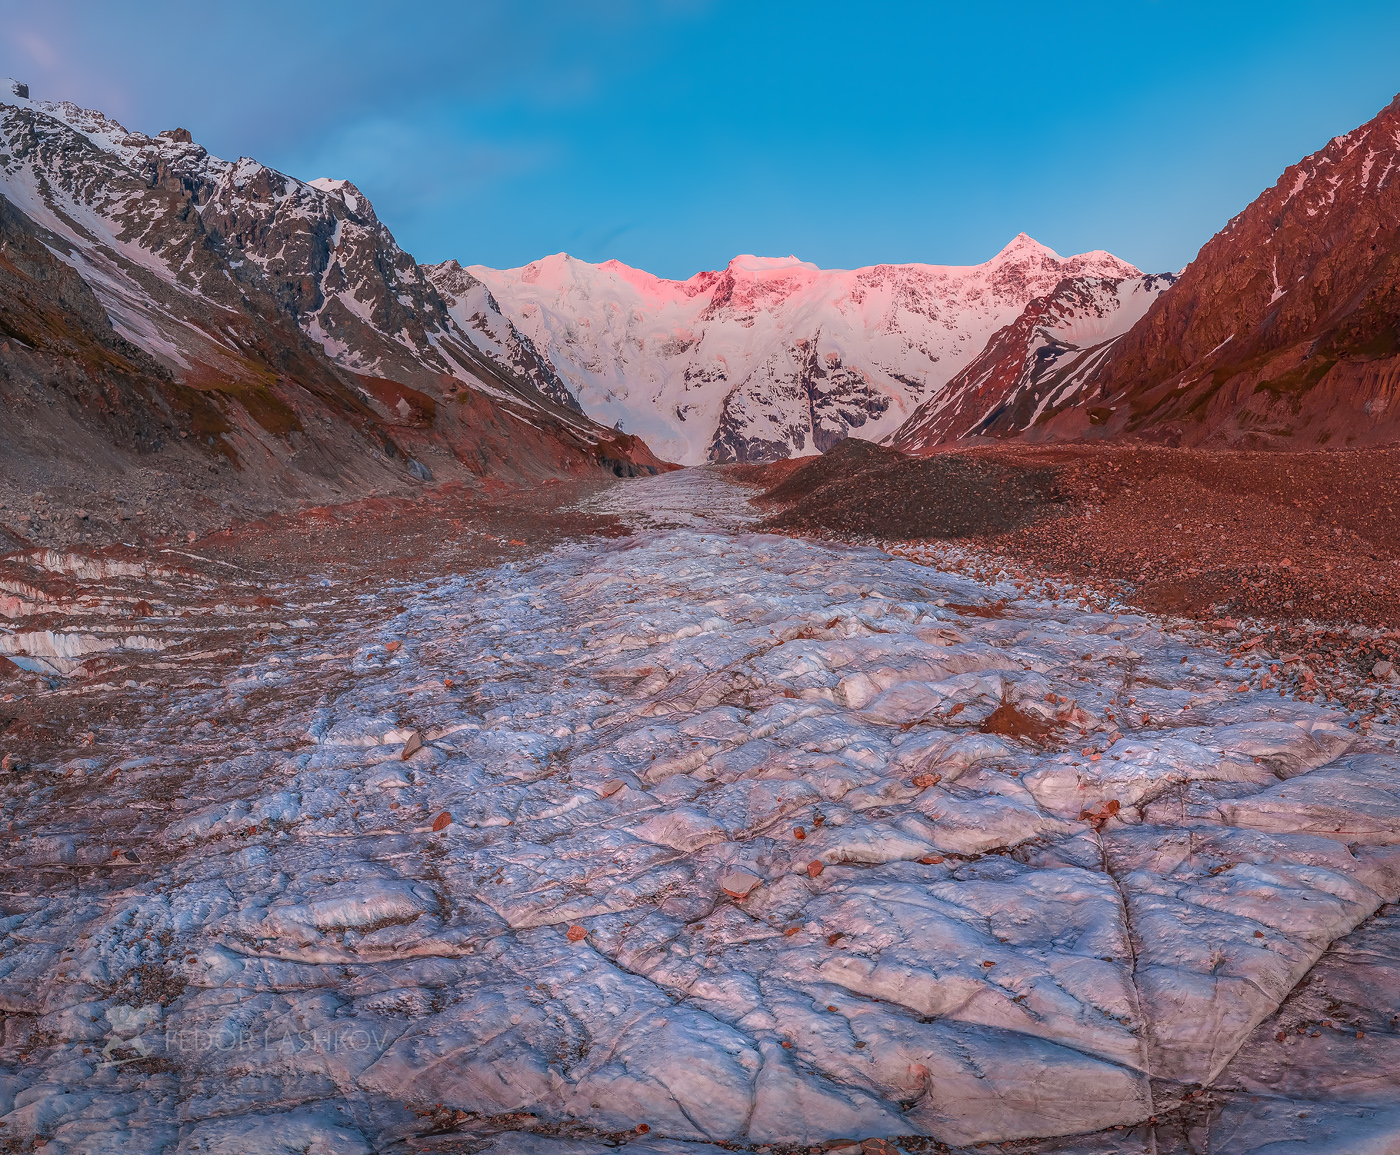 северный кавказ, горы, гора, вершина, безенгийский ледник, путешествие, туризм, хребет, безенгийская стена, кабардино-балкарский высокогорный заповедник, рассвет, заря, лето, безенгий, розовый, рассветное, лёд, ледник,, Лашков Фёдор